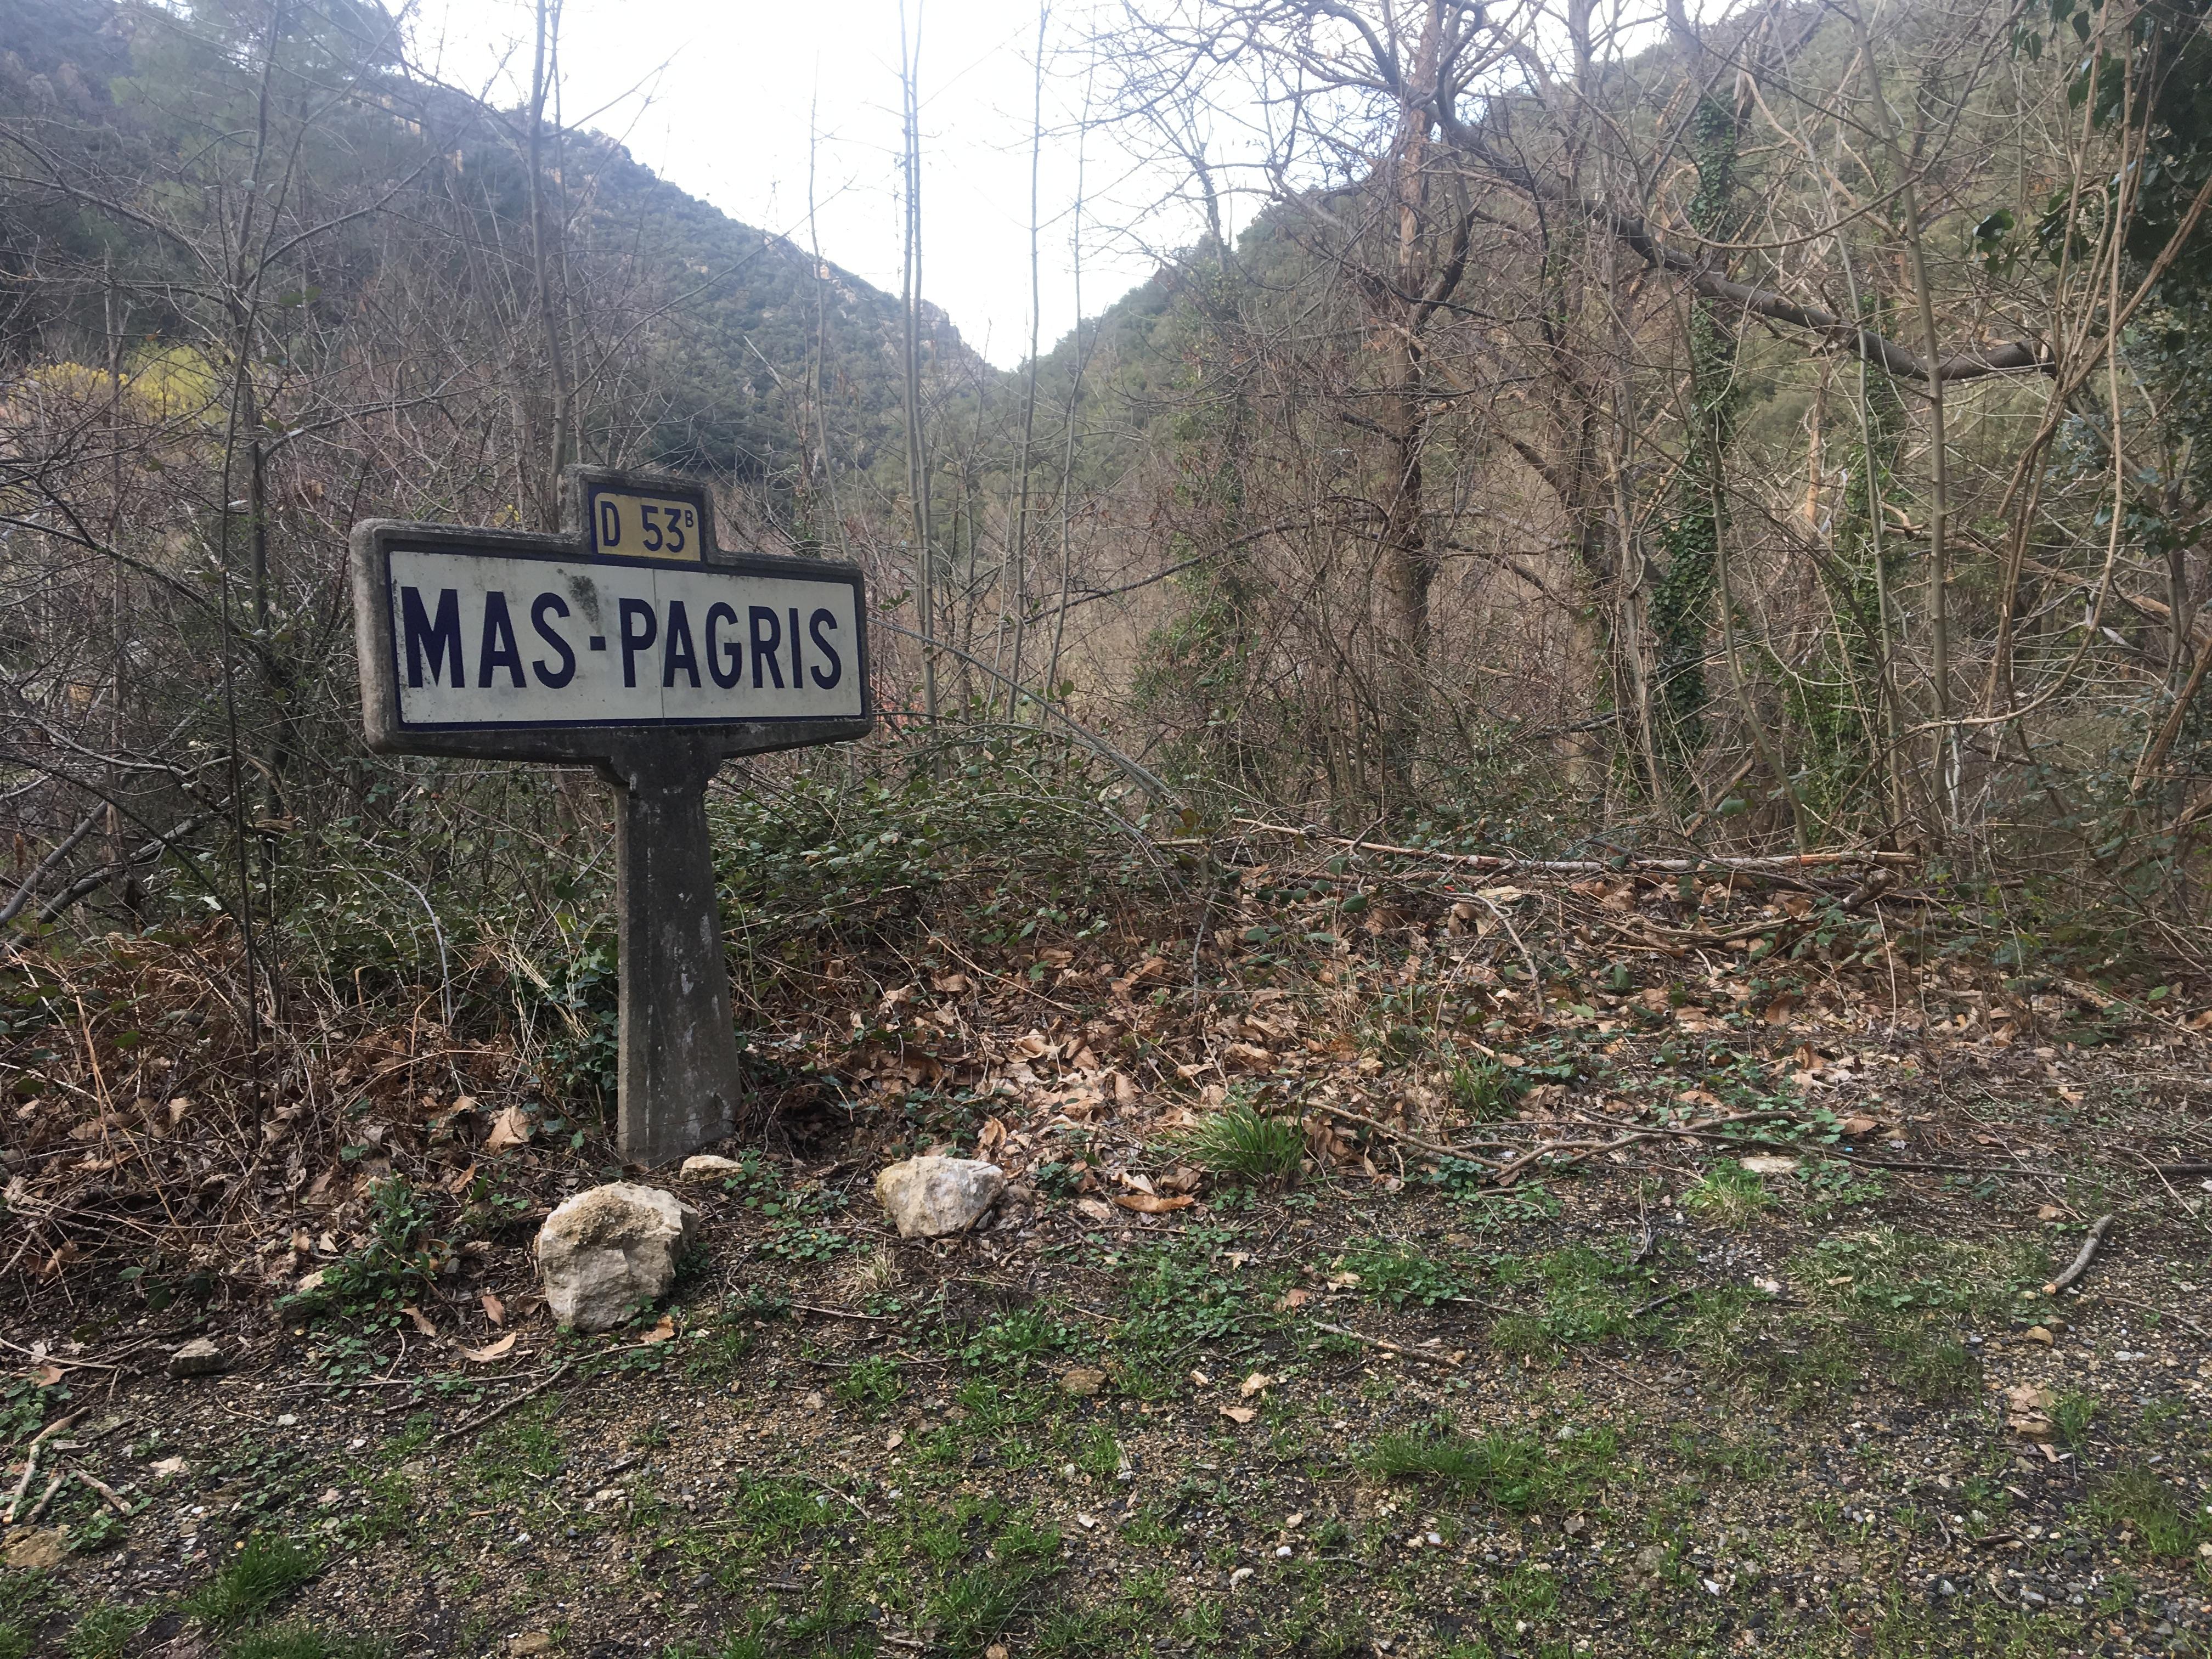 Mas Pagris